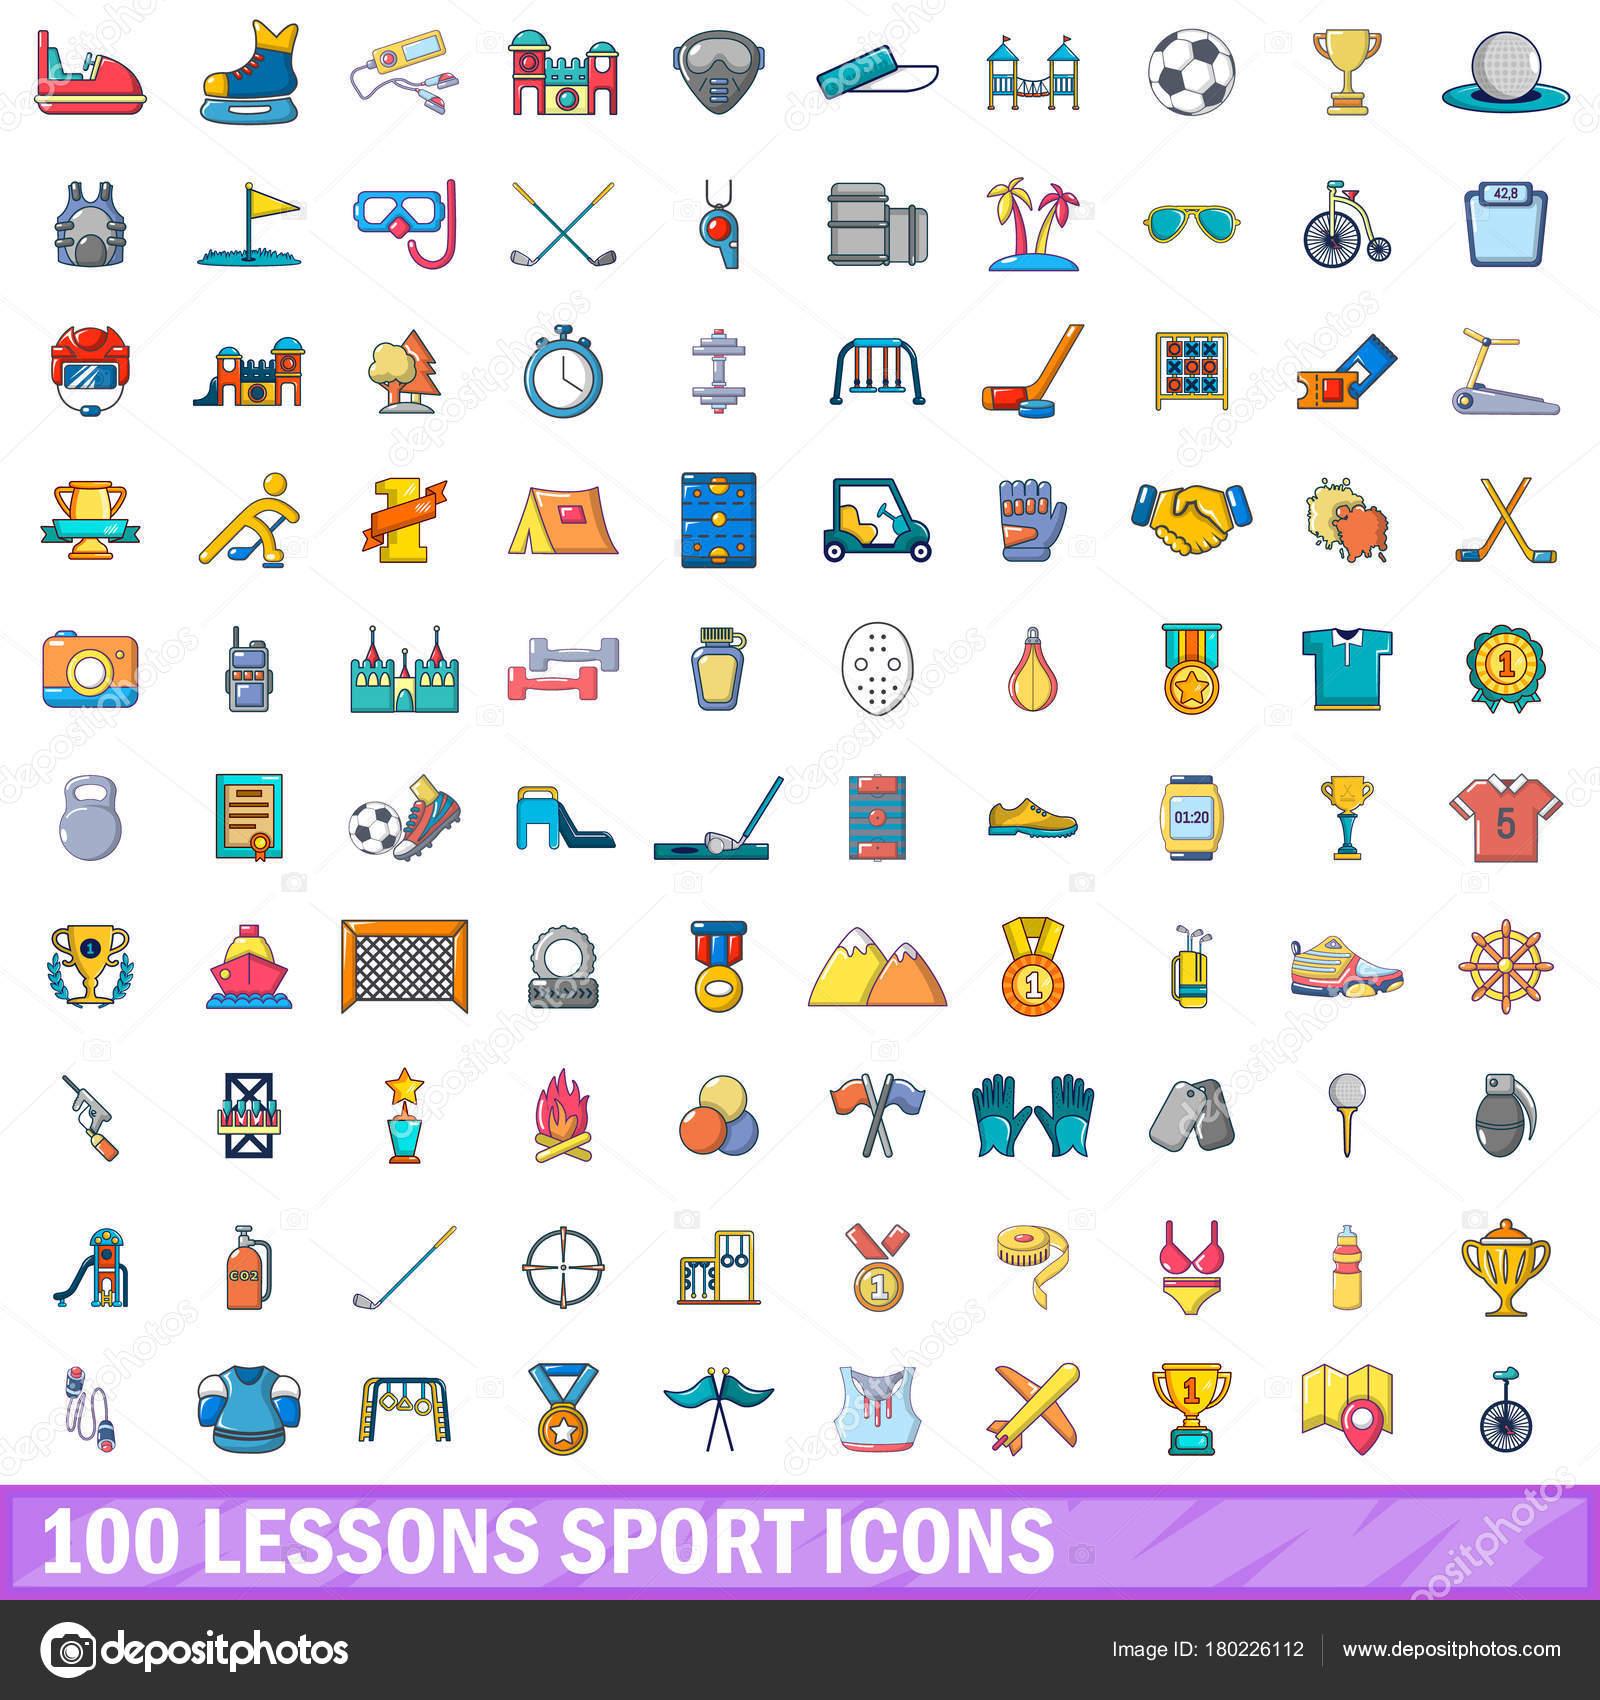 ed64588f7 Conjunto de ícones do esporte 100 lições. Ilustração dos desenhos animados  de 100 lições esporte vetor ícones isolado no fundo branco — Vetor de ...